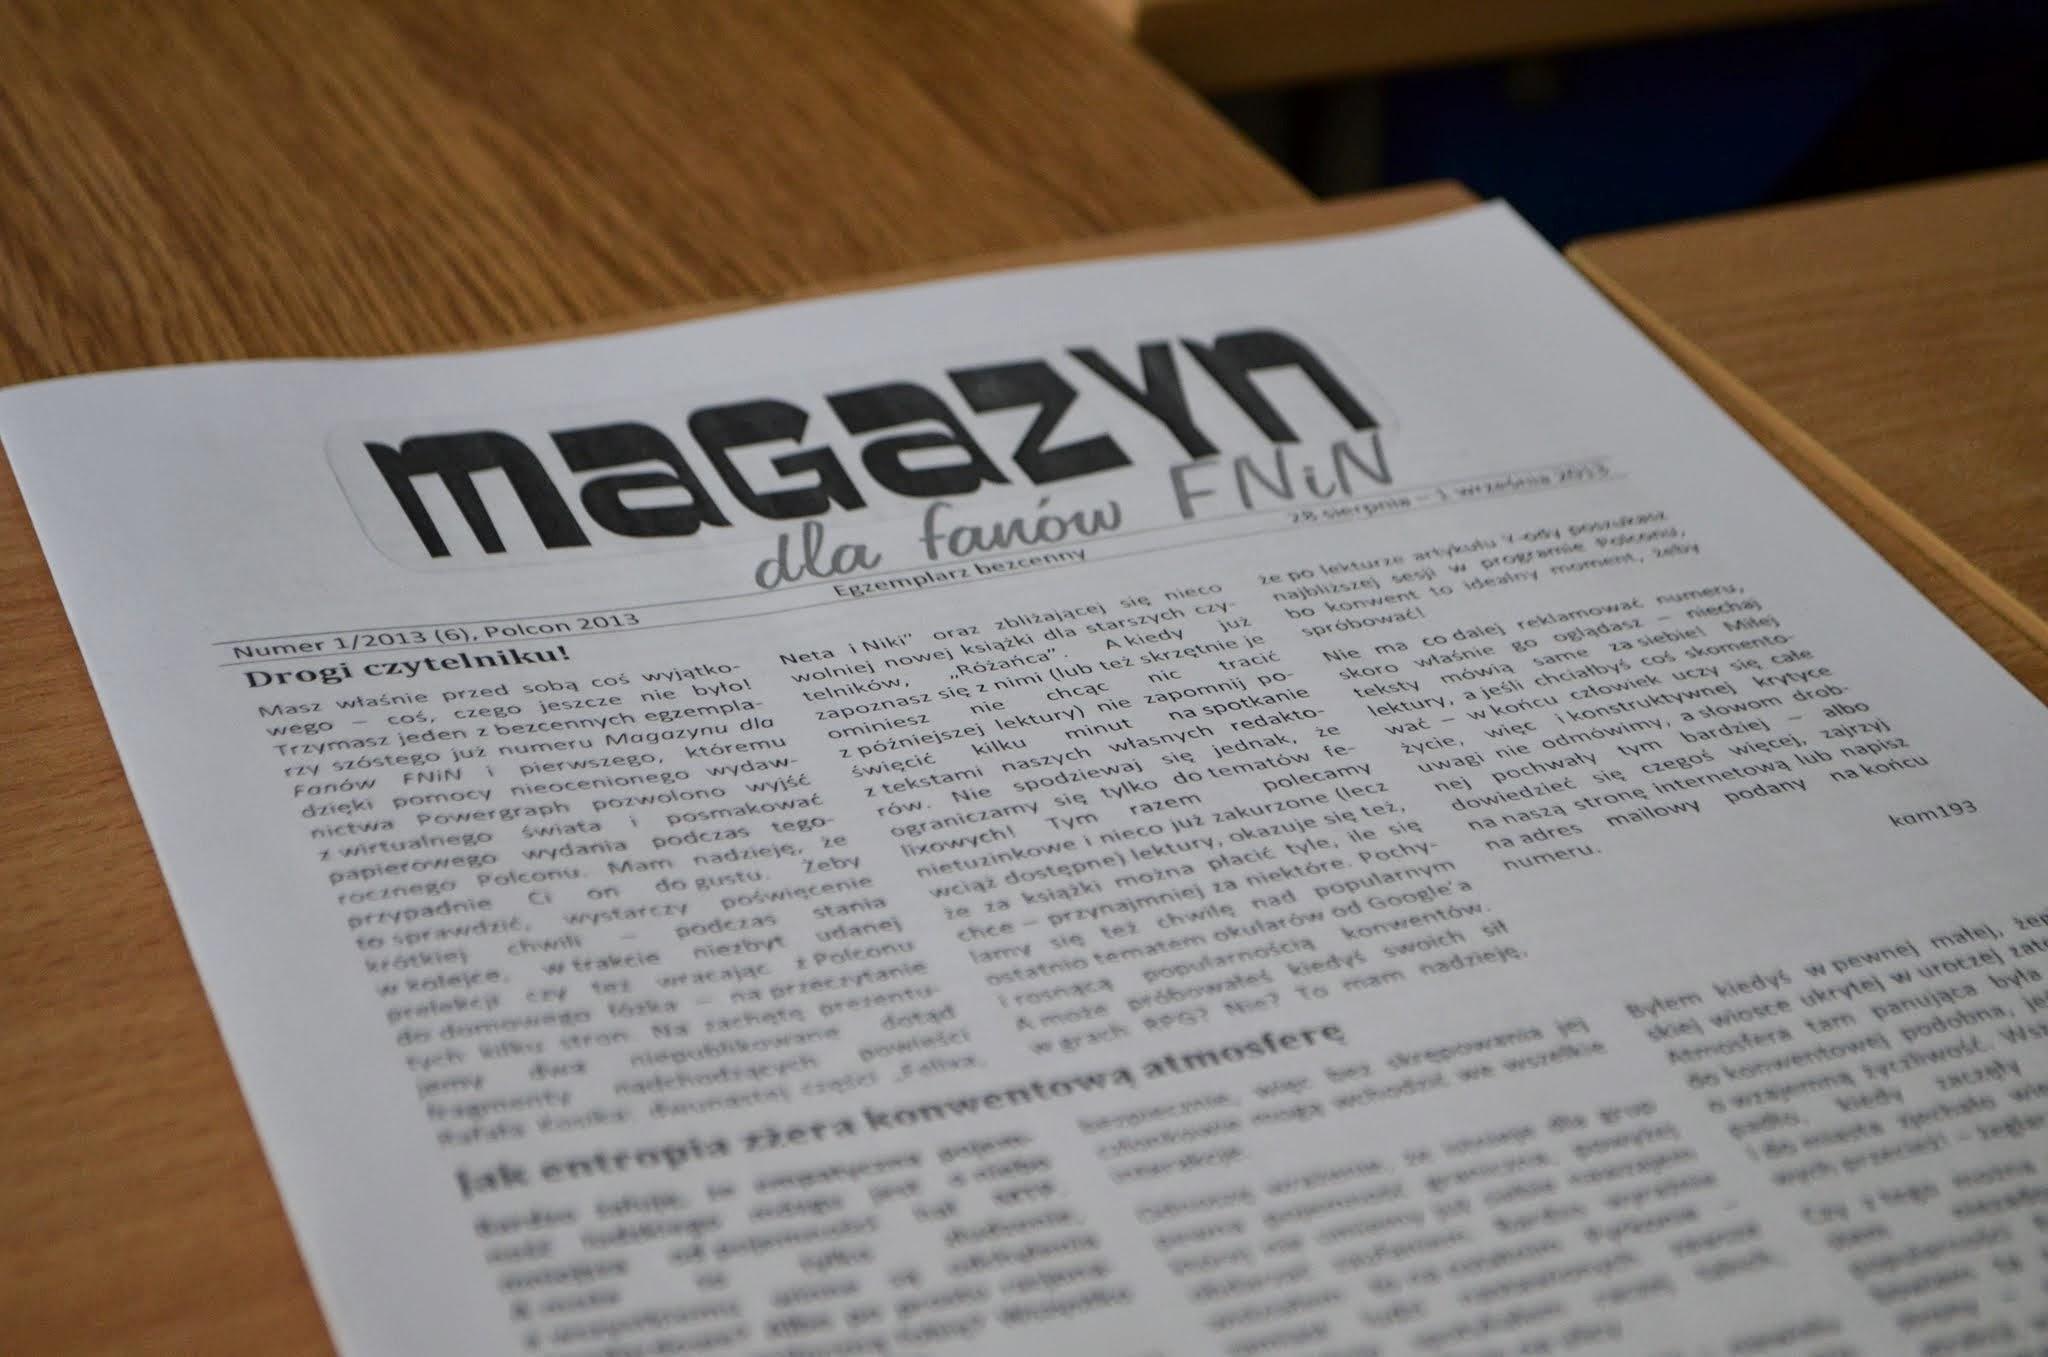 Magazyn #6 - Kliknij obrazek, aby uzyskać większą wersję